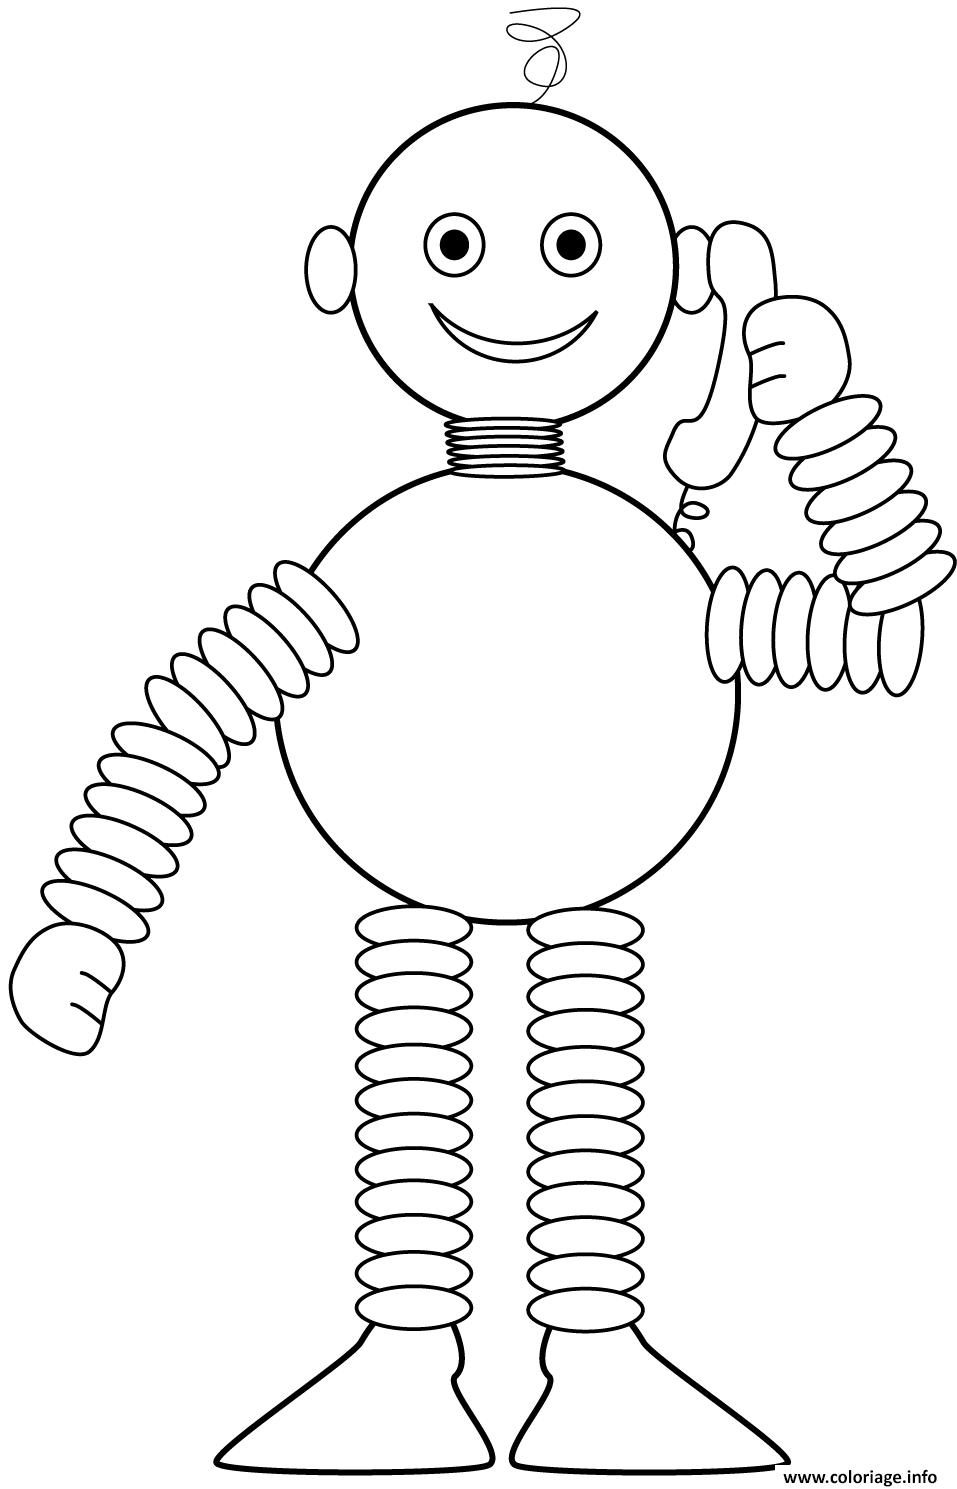 Coloriage Robot Parle Au Telephone Jecolorie Com